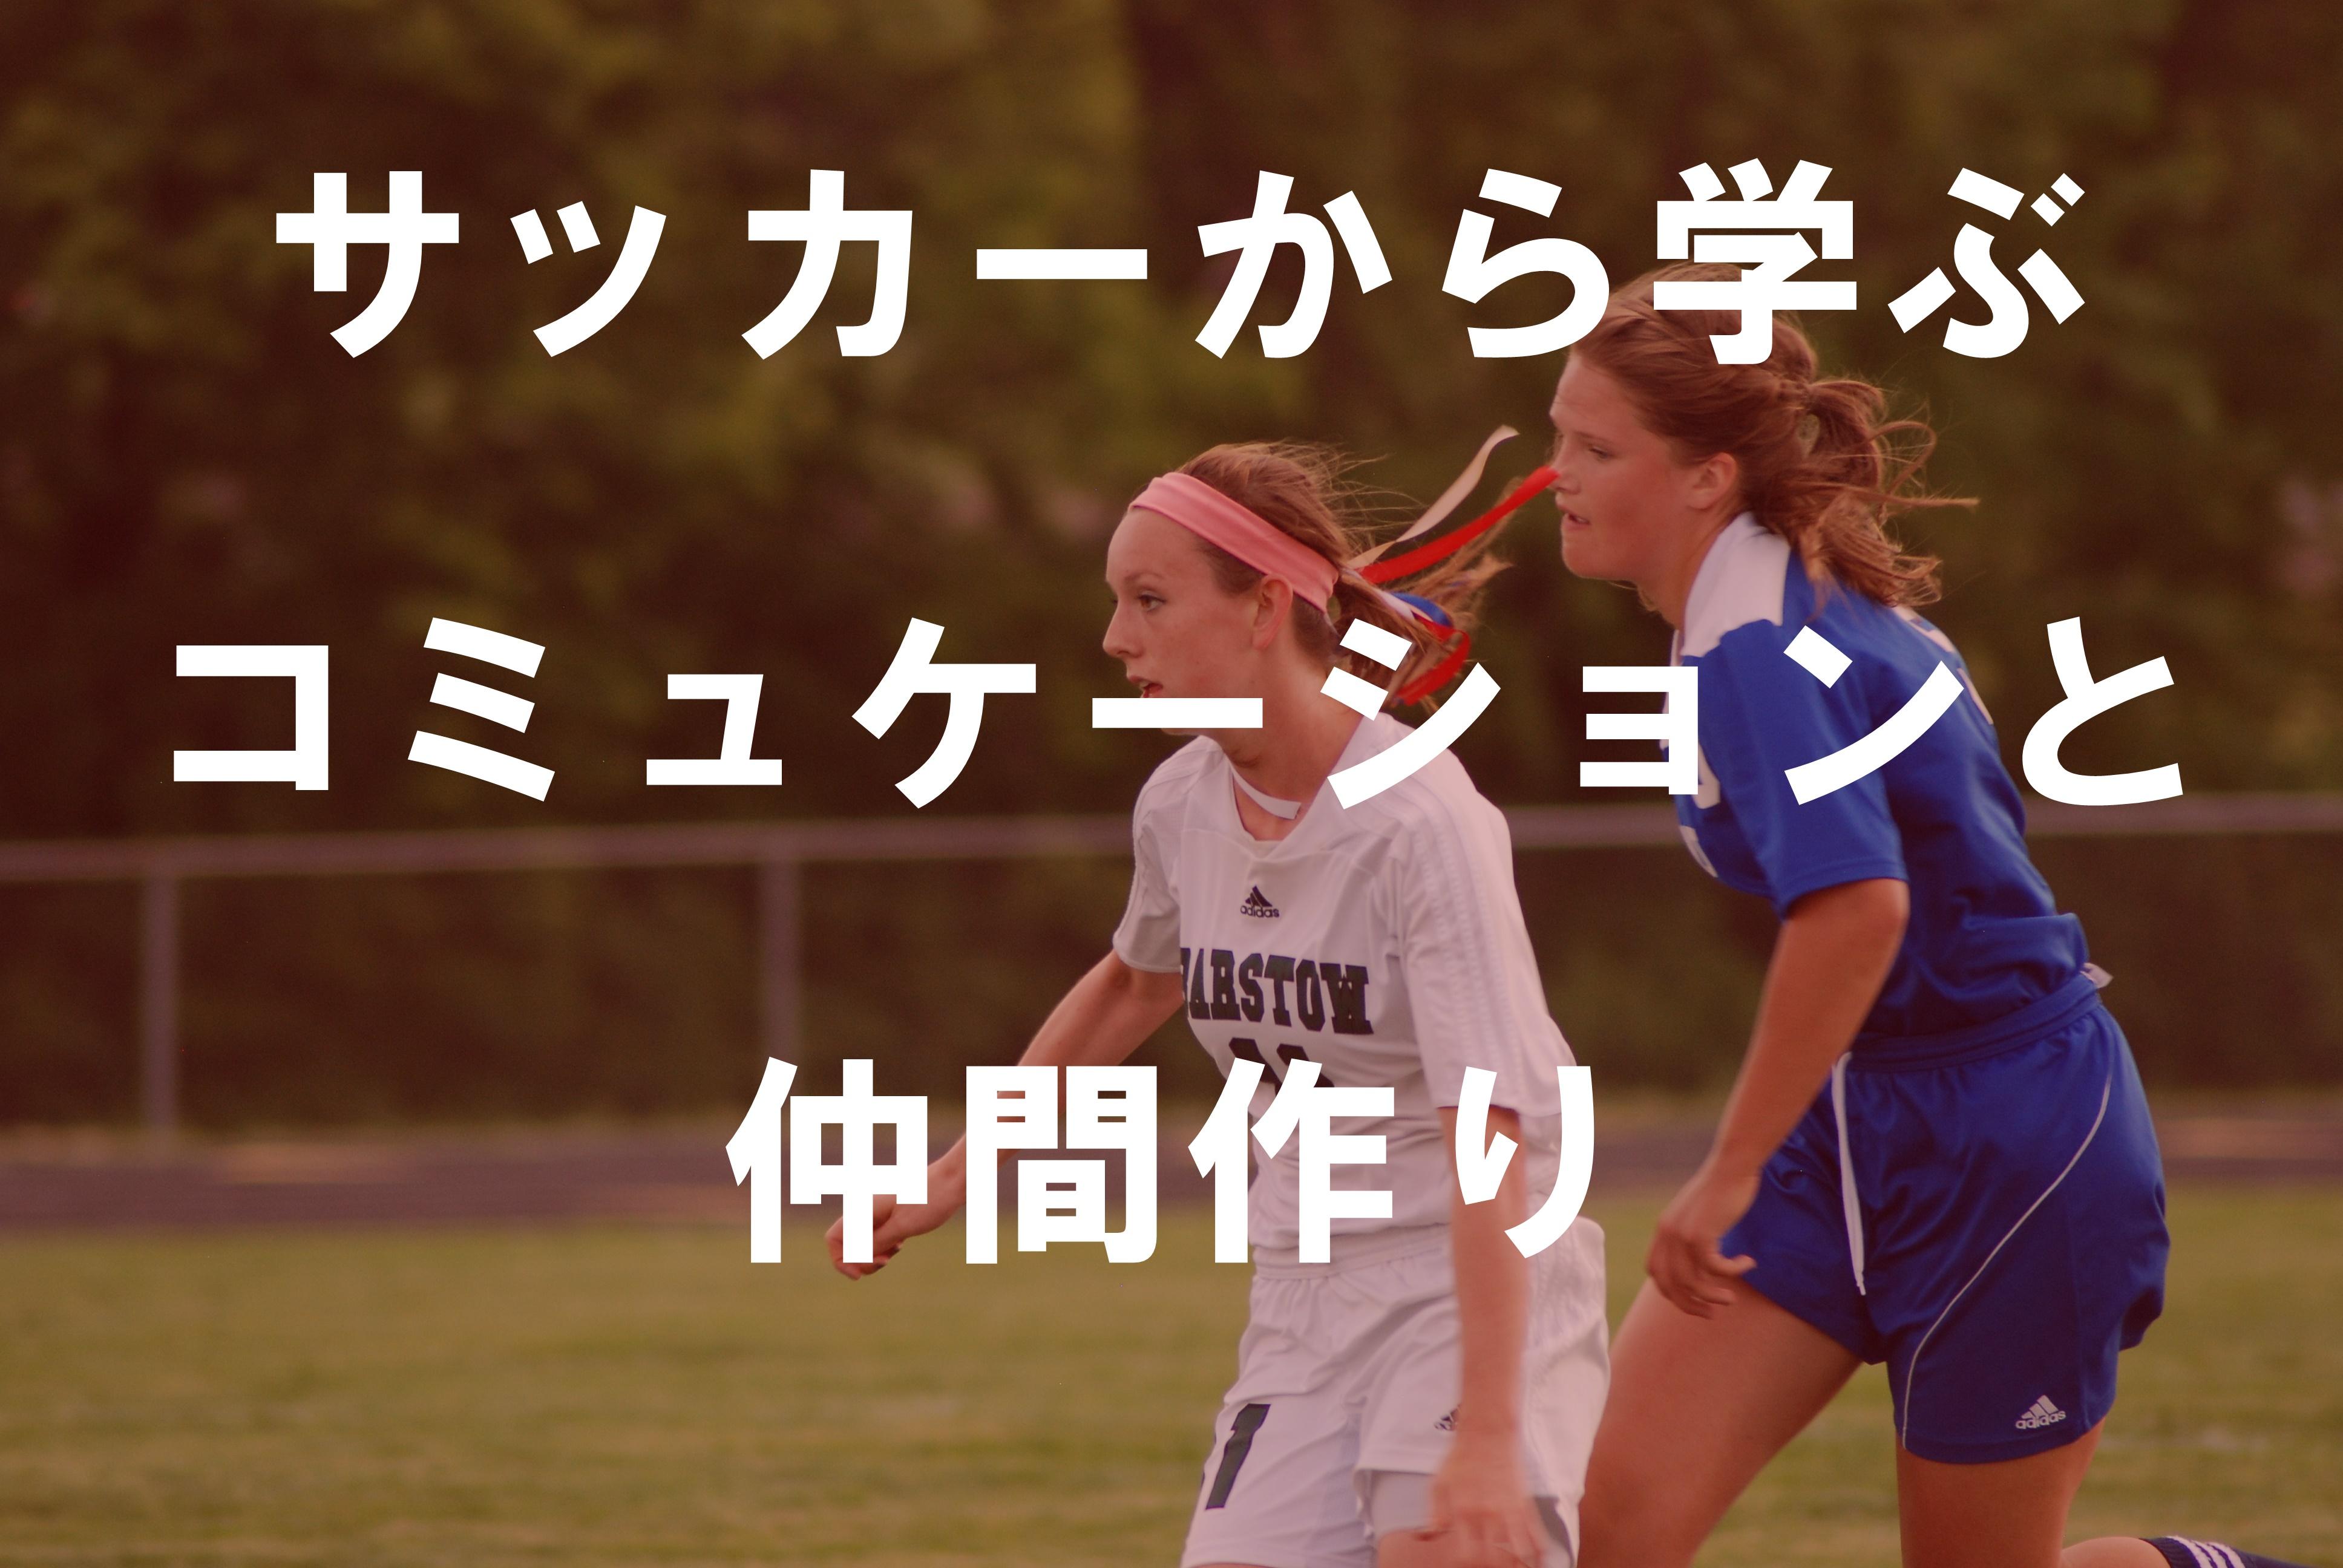 サッカーから学ぶコミュケーションと仲間作り